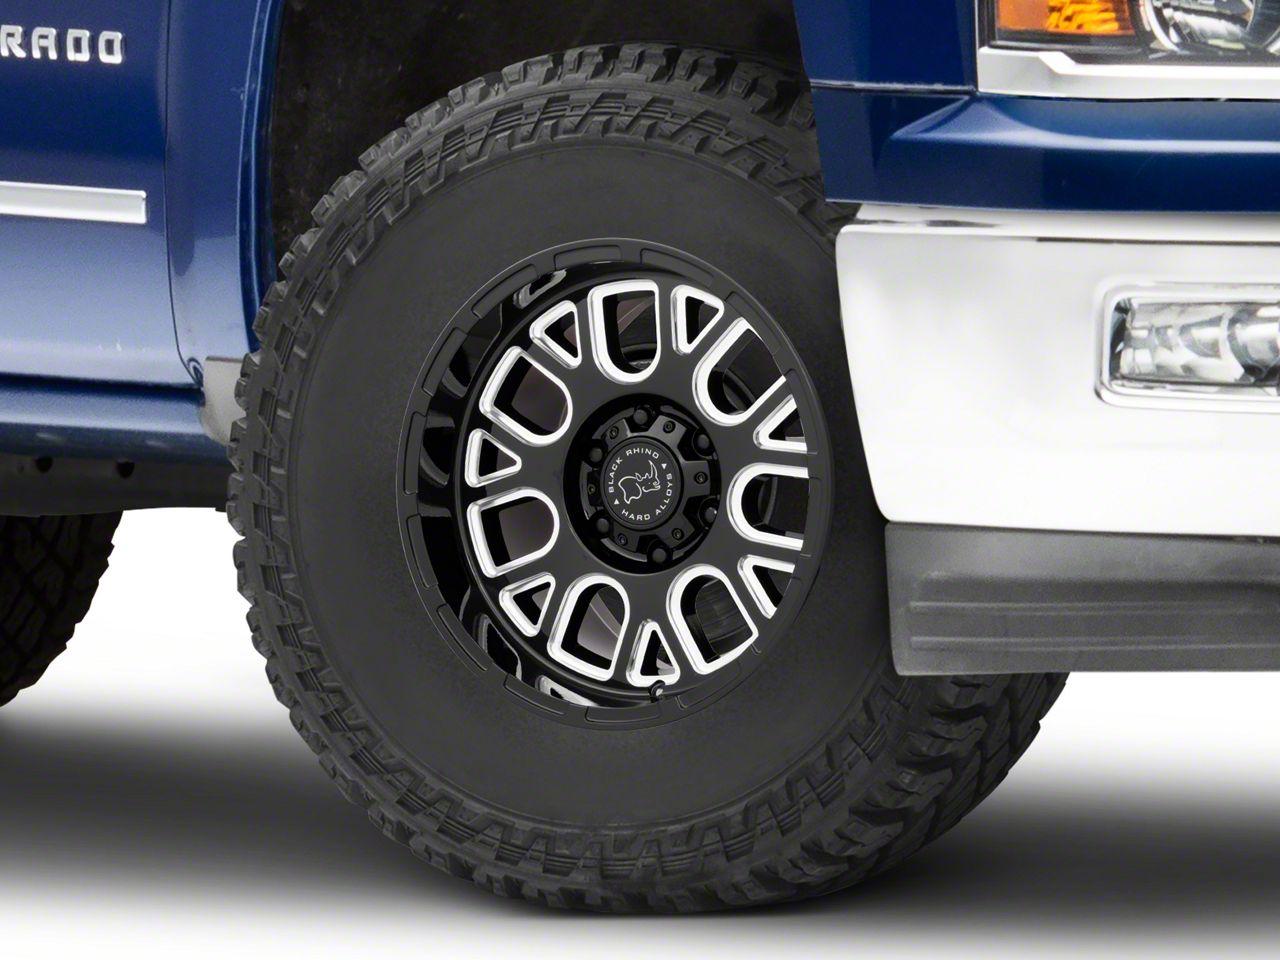 Black Rhino Pismo Gloss Black Milled 6-Lug Wheel - 17x9.5 (99-18 Silverado 1500)